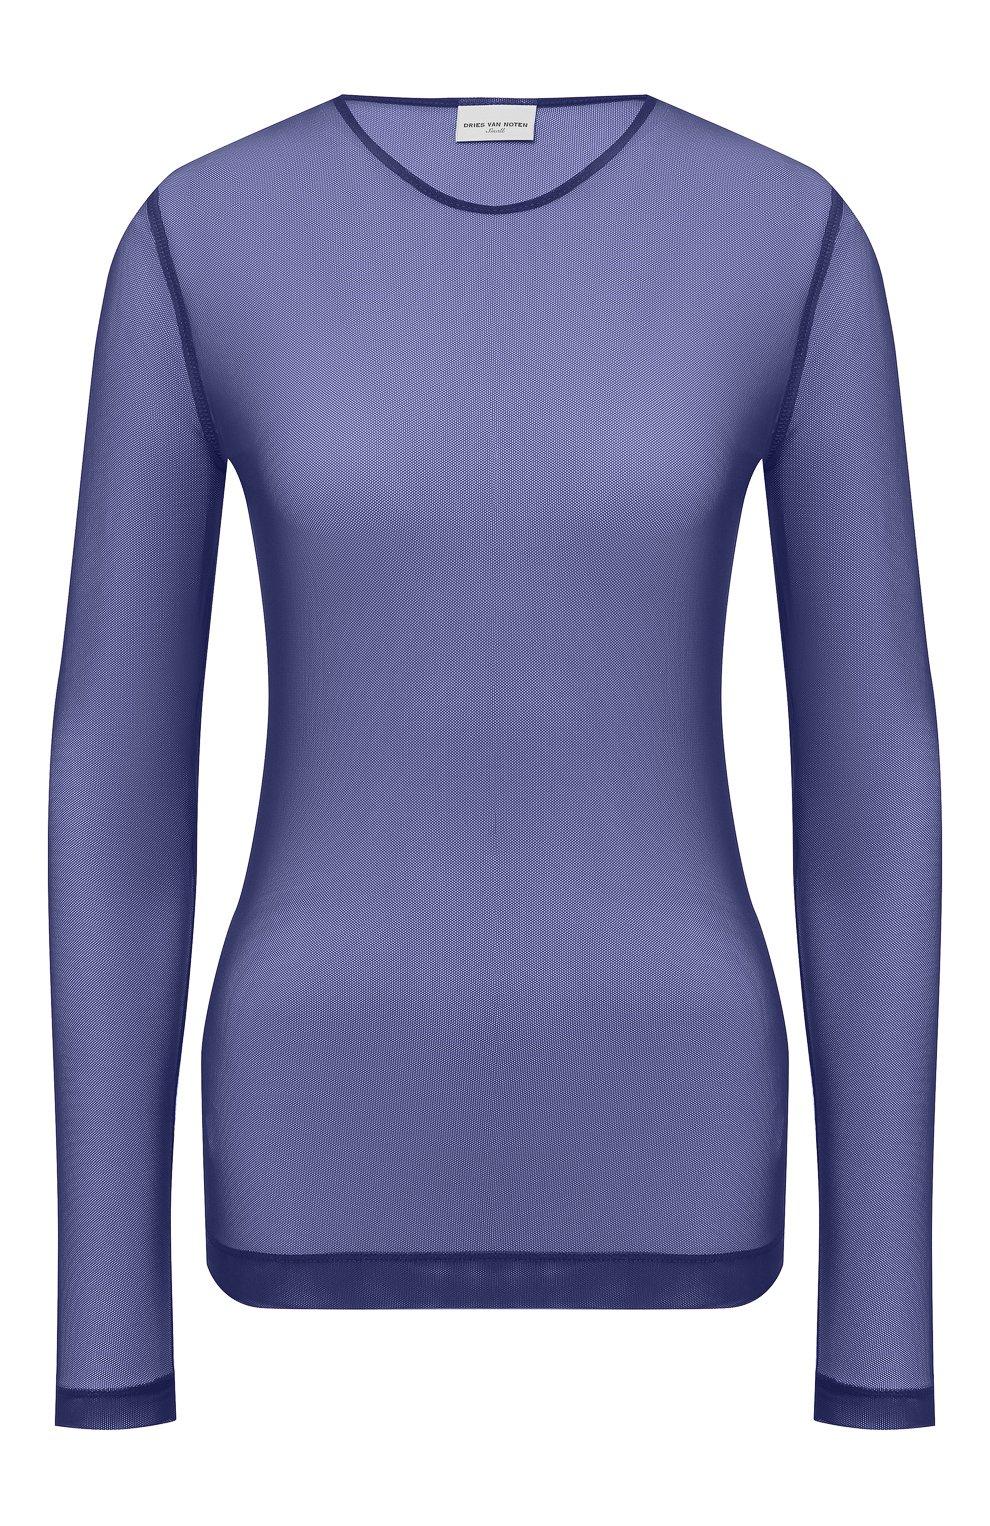 Женский топ DRIES VAN NOTEN синего цвета, арт. 211-11141-2201 | Фото 1